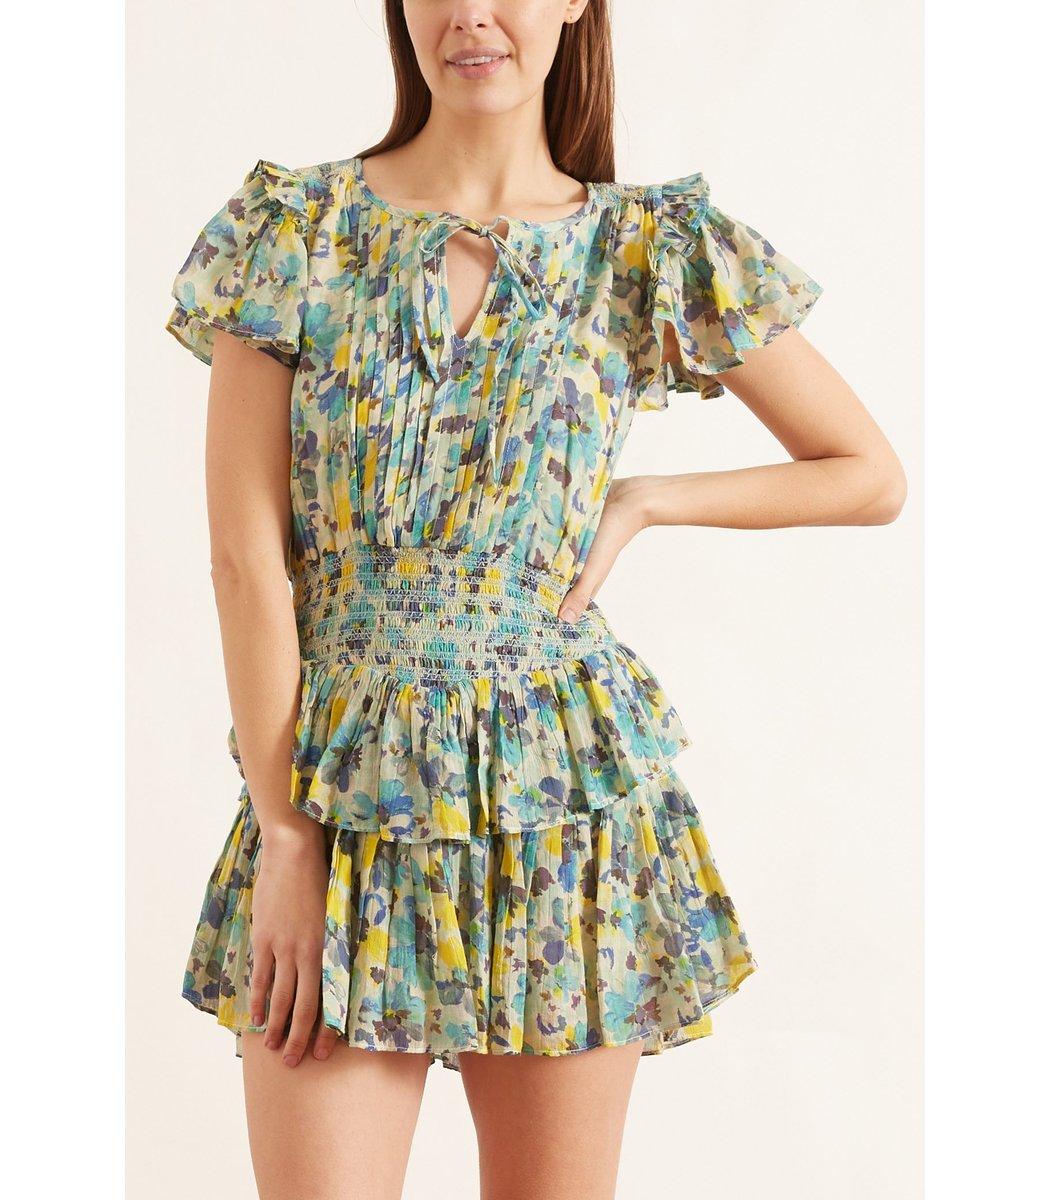 LOVESHACKFANCY Cottons Audette Dress in Acai Berry